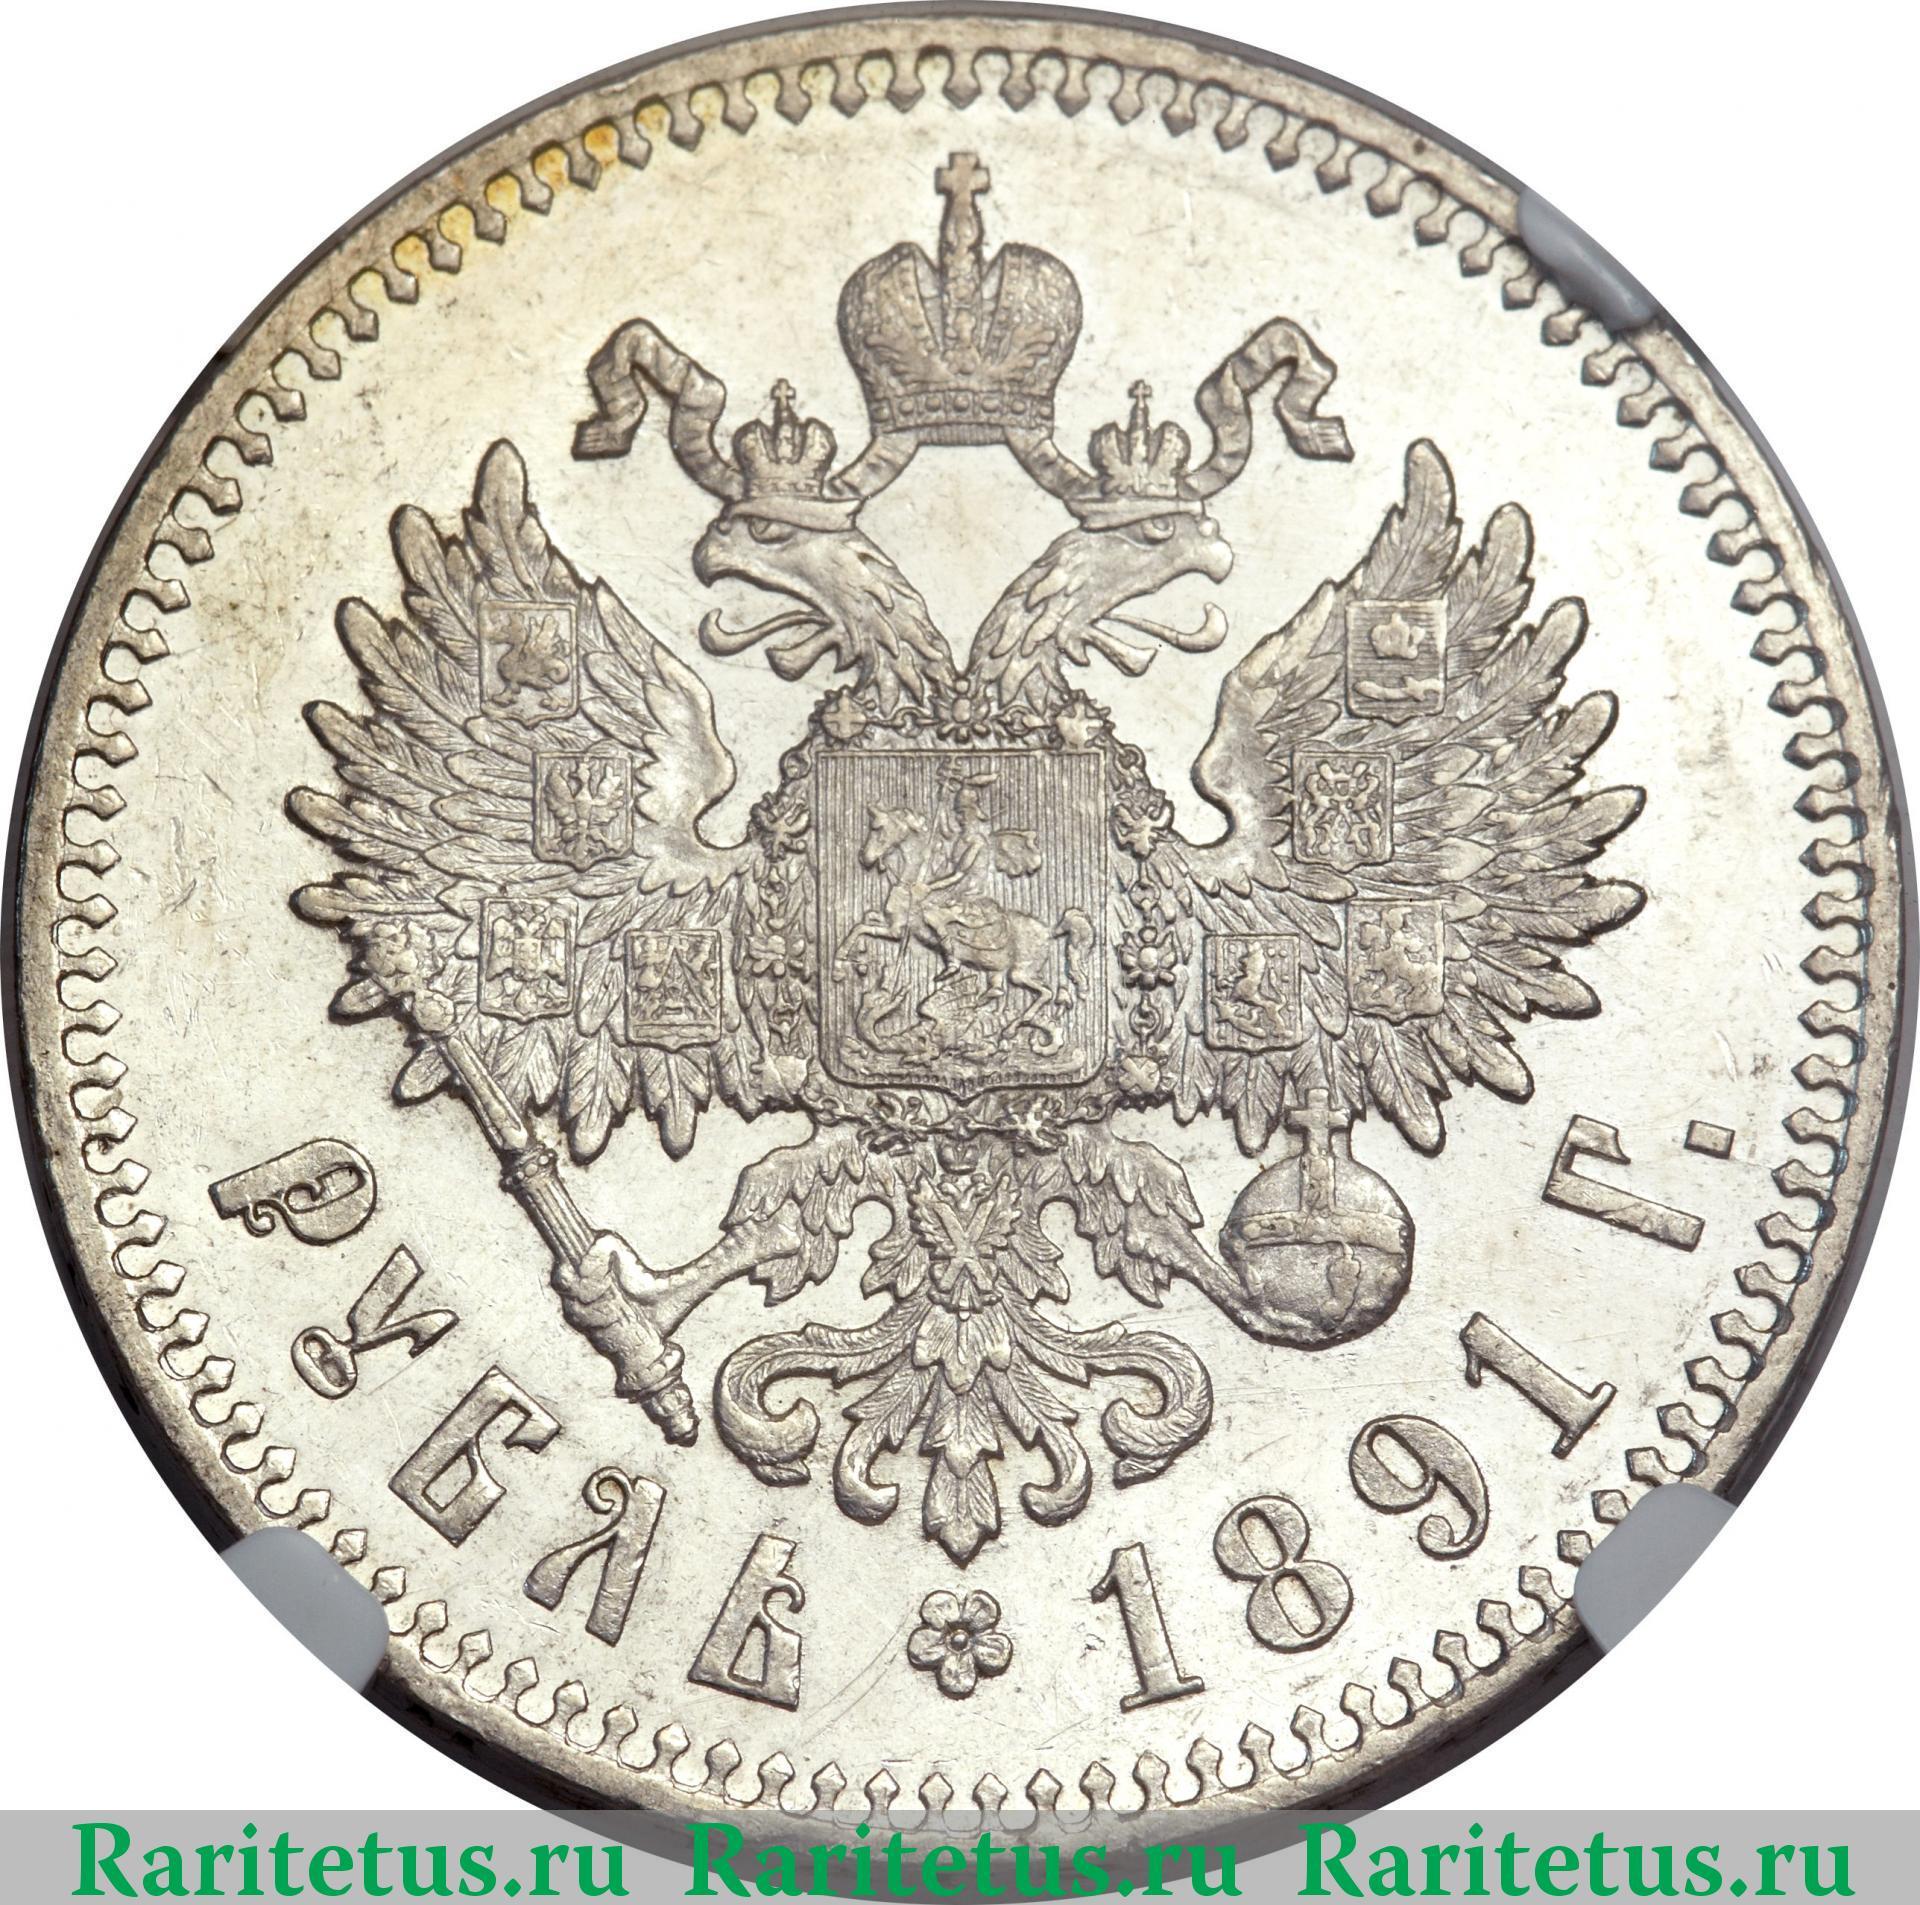 Рубль 1891 года цена 5 гибралтарских фунтов 2012 серебро лондонский мост, юбилей королевы